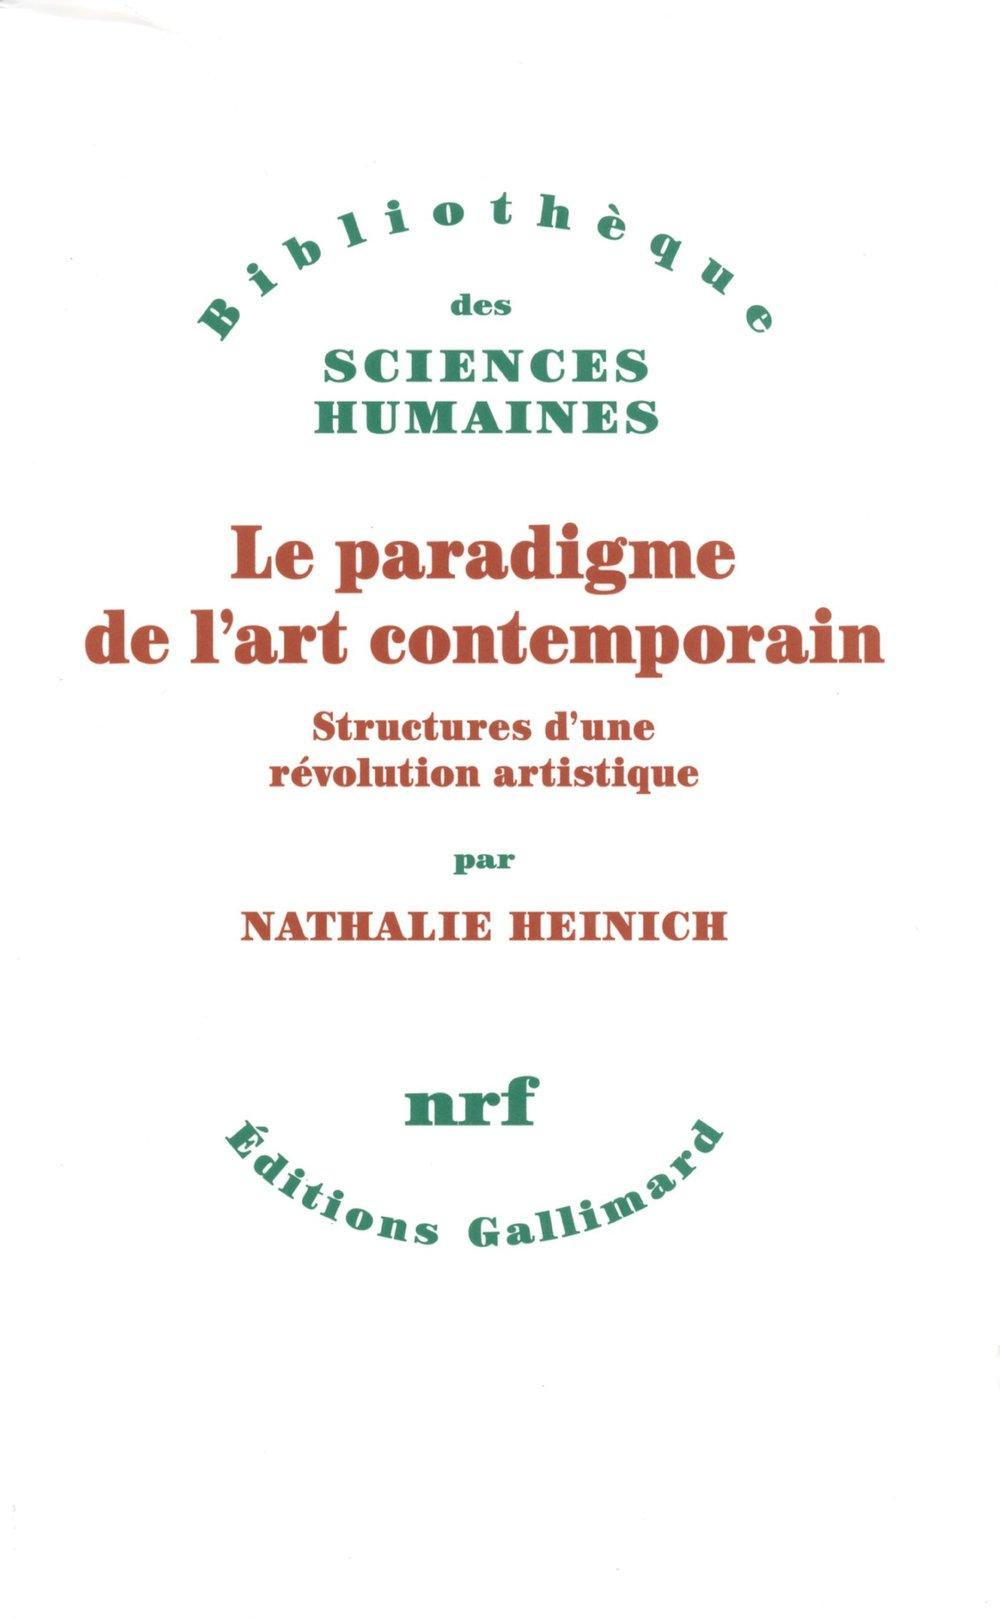 Le Paradigme de l'art Contemporain, Nathalie Heinich / Photo via Gallimard